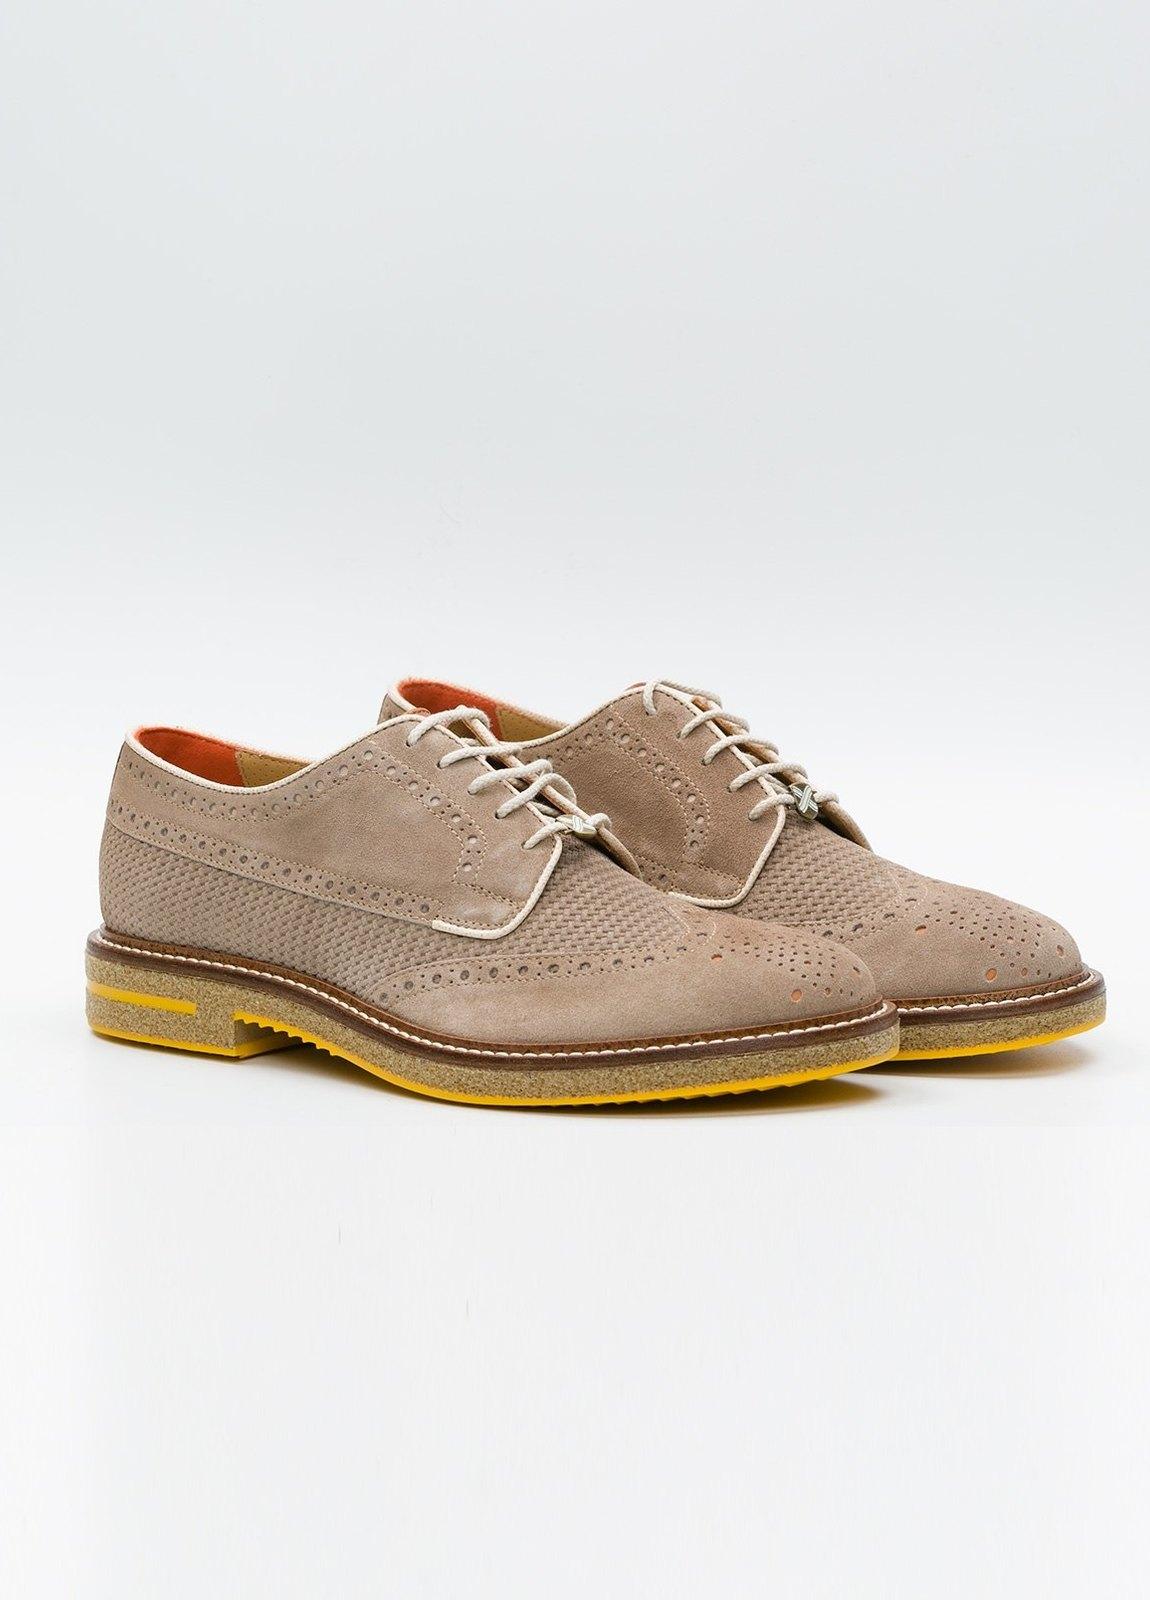 Zapato Formal Wear color beige suela amarilla, 100% Ante. - Ítem3